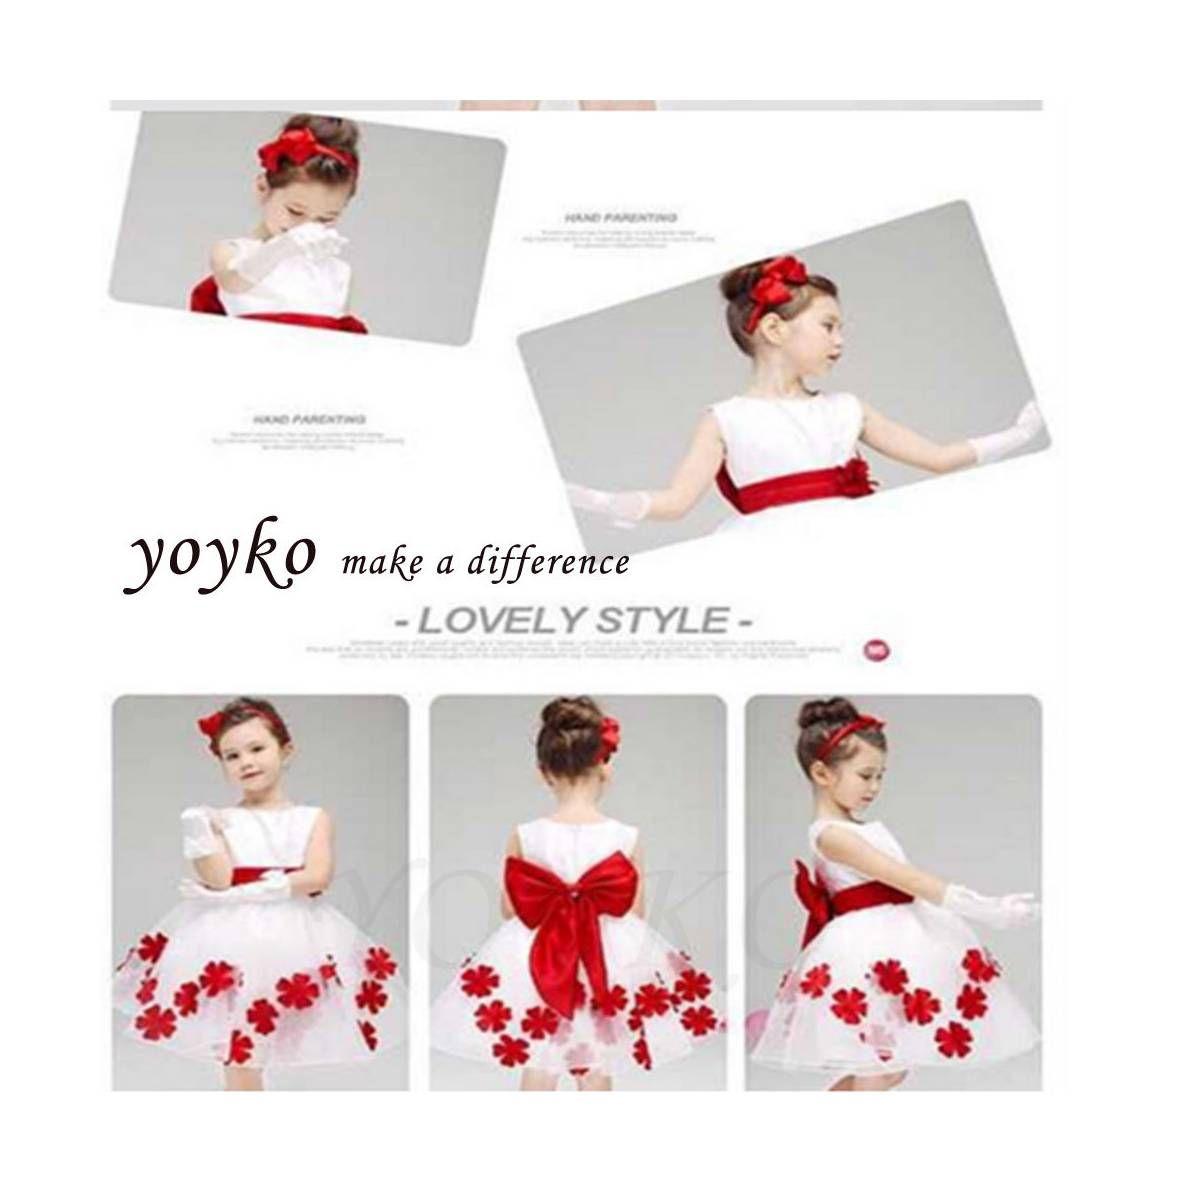 da24c0d5d087e Kirmizi çiçek Beyaz üstü Fransiz Dantel Kiz çocuk Elbise T GittiGidiyor'da  330544172